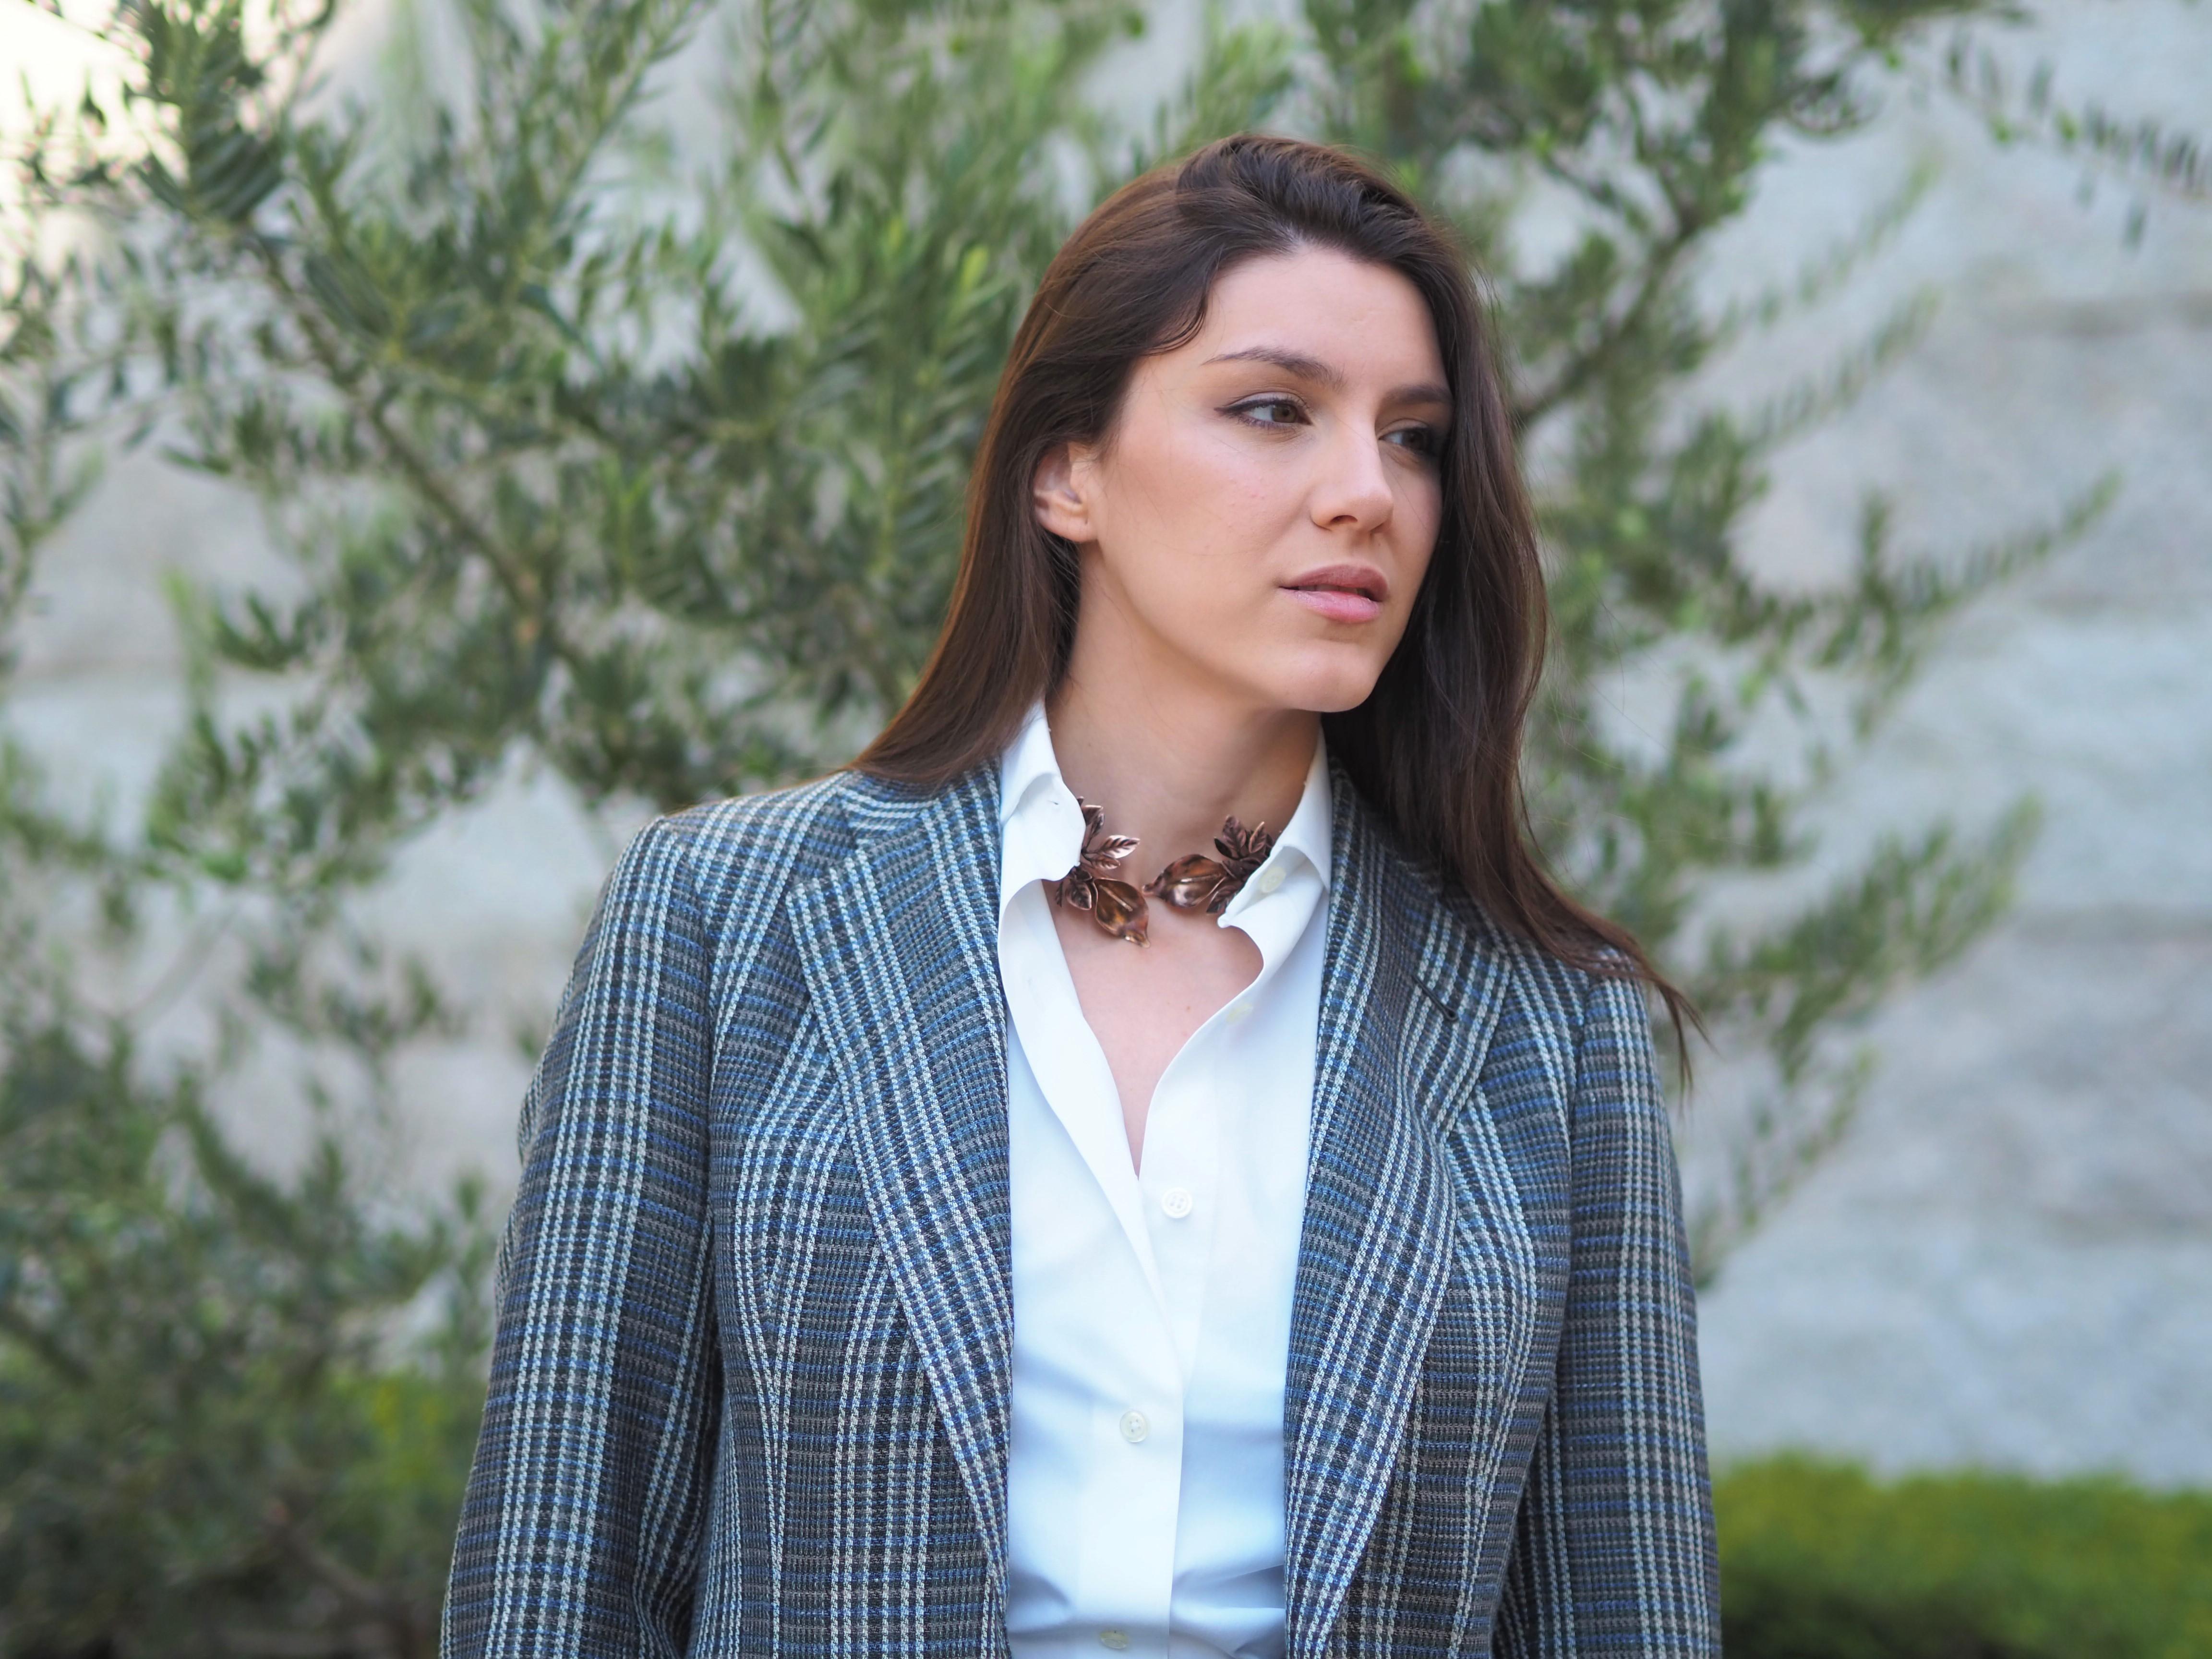 mujeres con traje